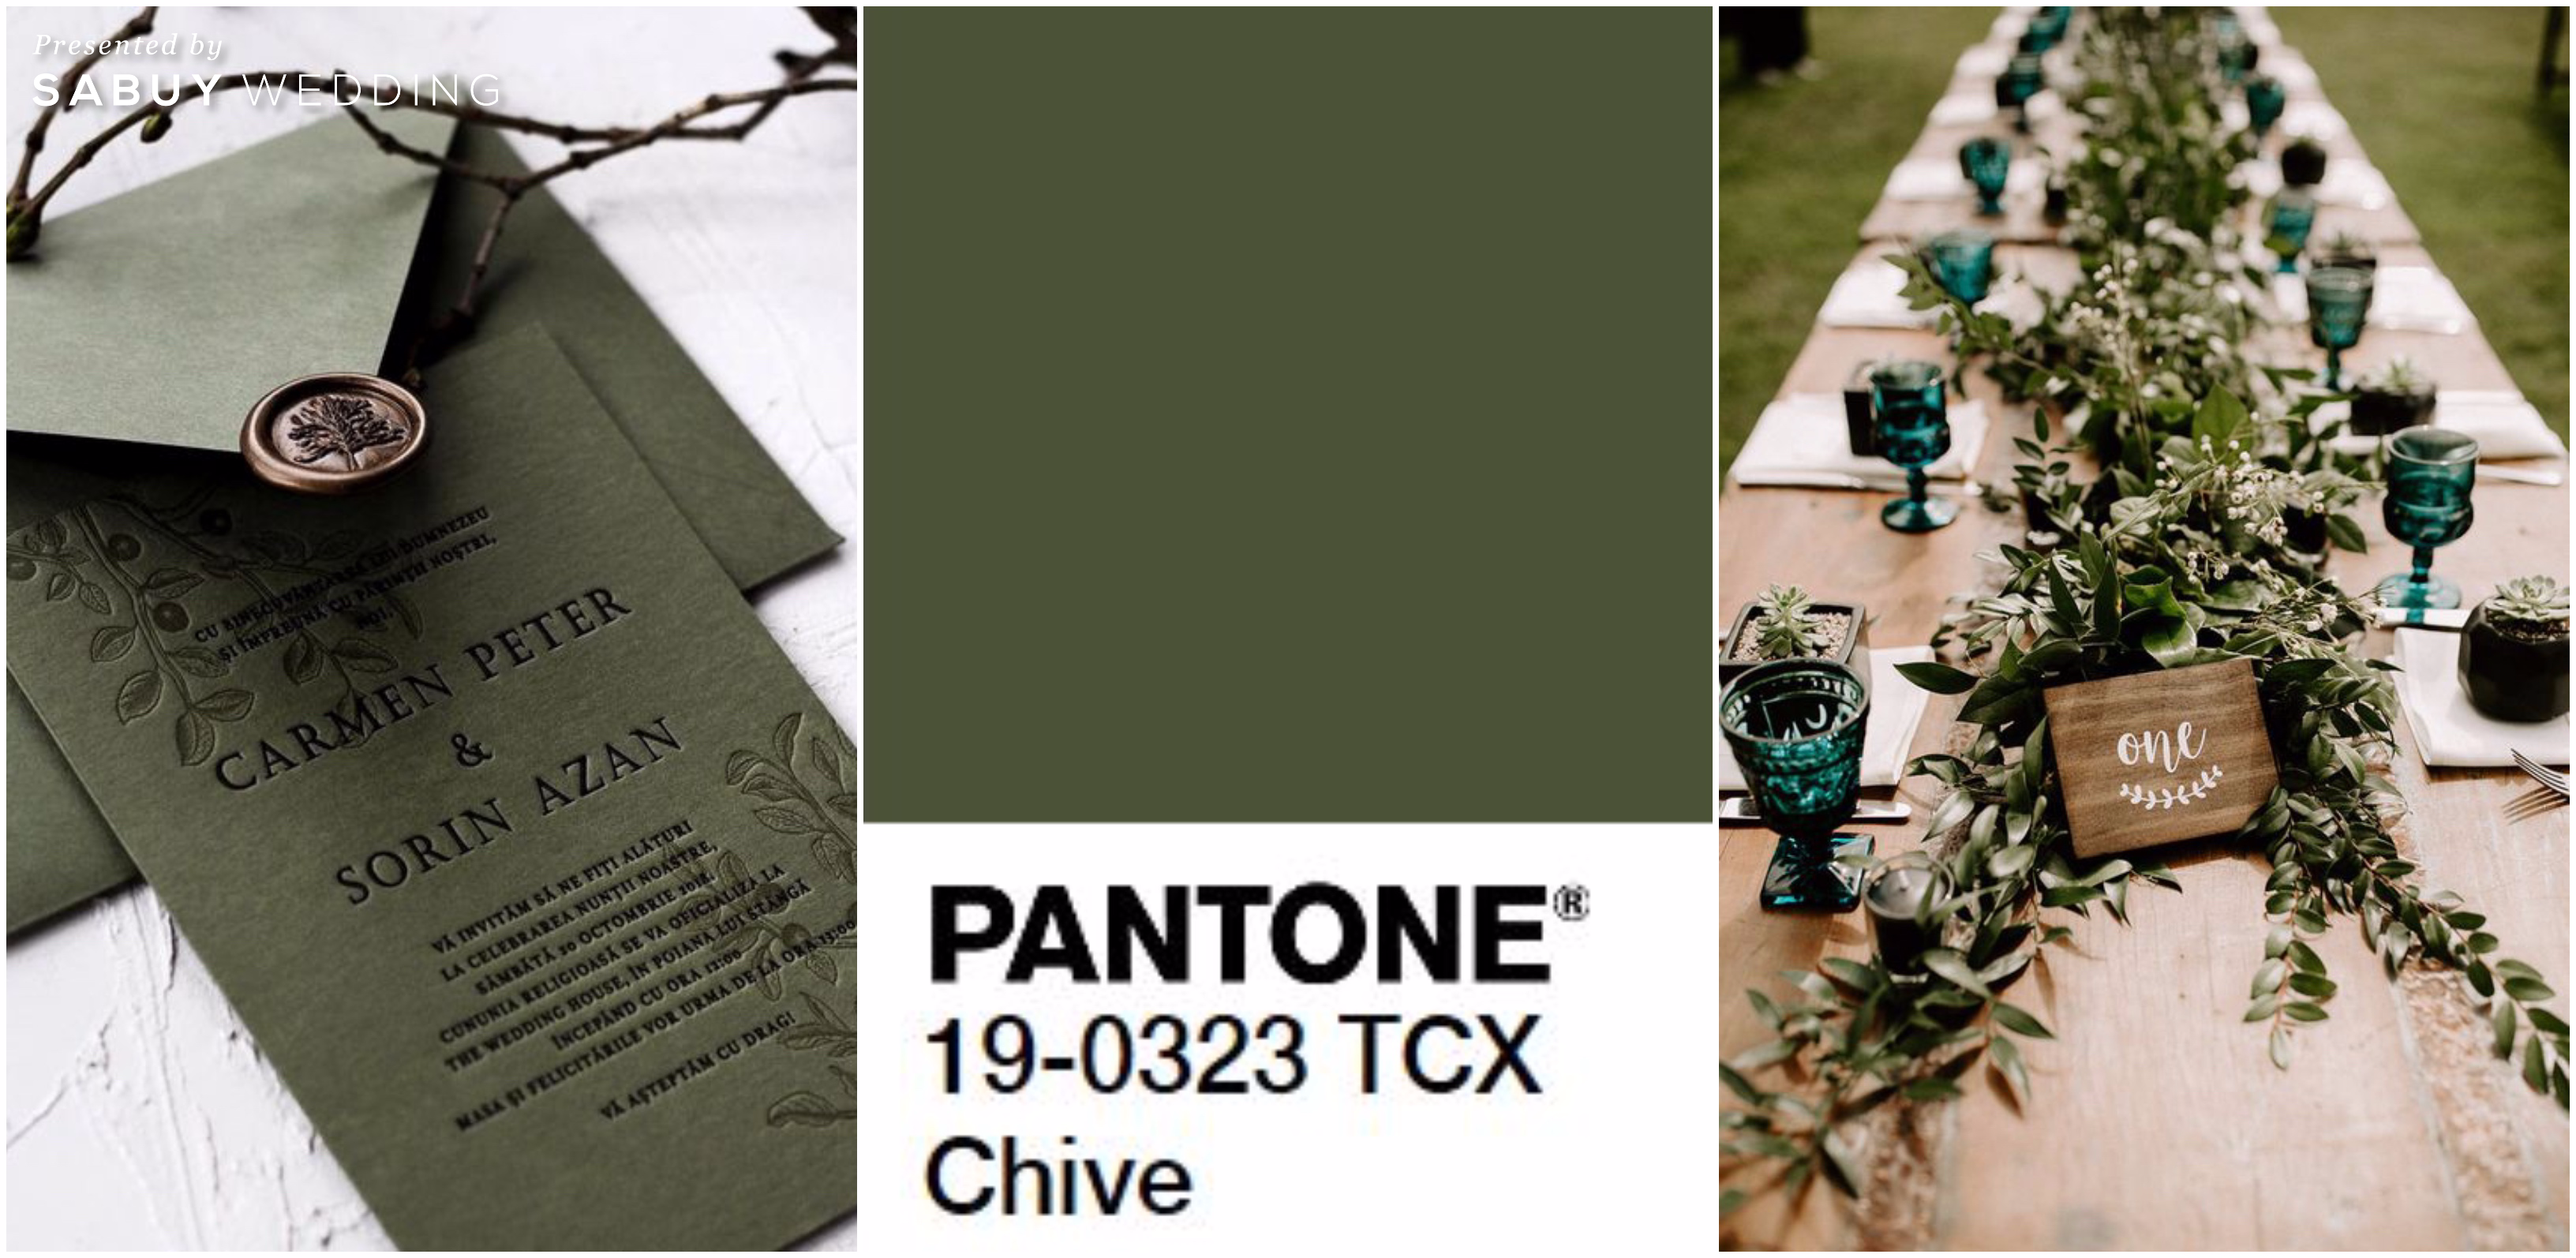 PANTONE 2020 มาแล้ว! อัพเดทเทรนด์สีธีมงานแต่ง มาแรงไม่มีเอ้าท์